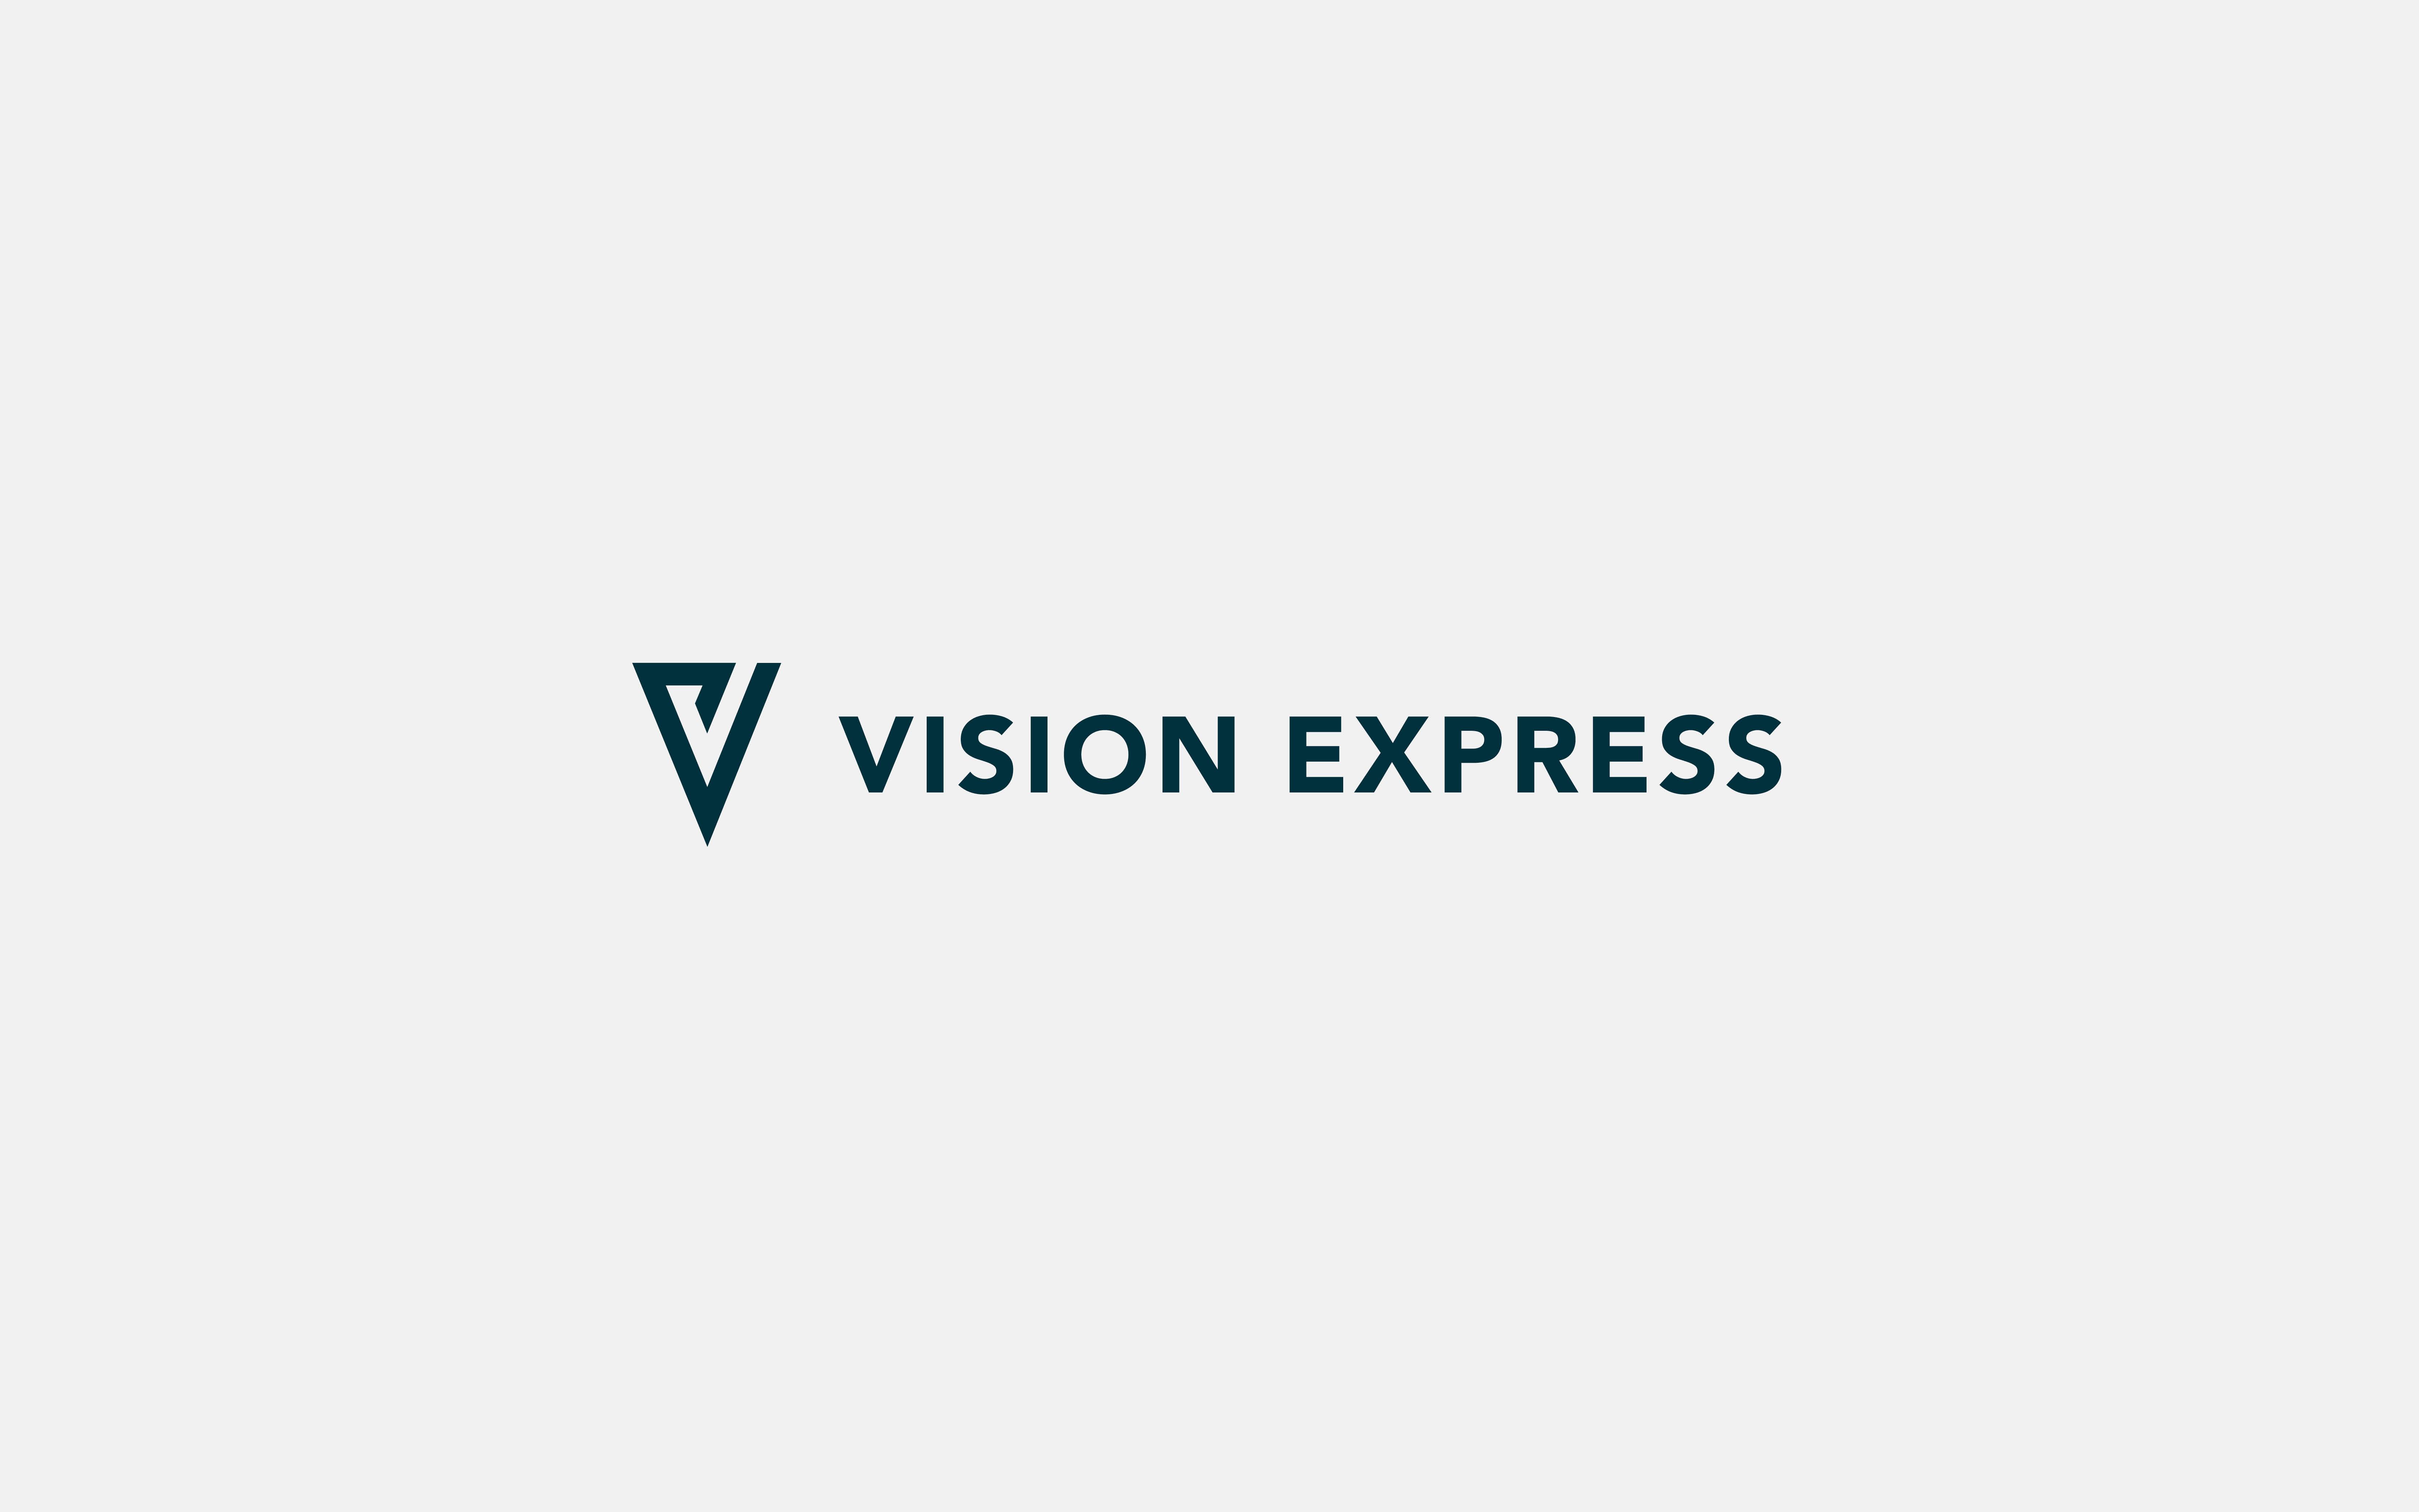 Vision Express1